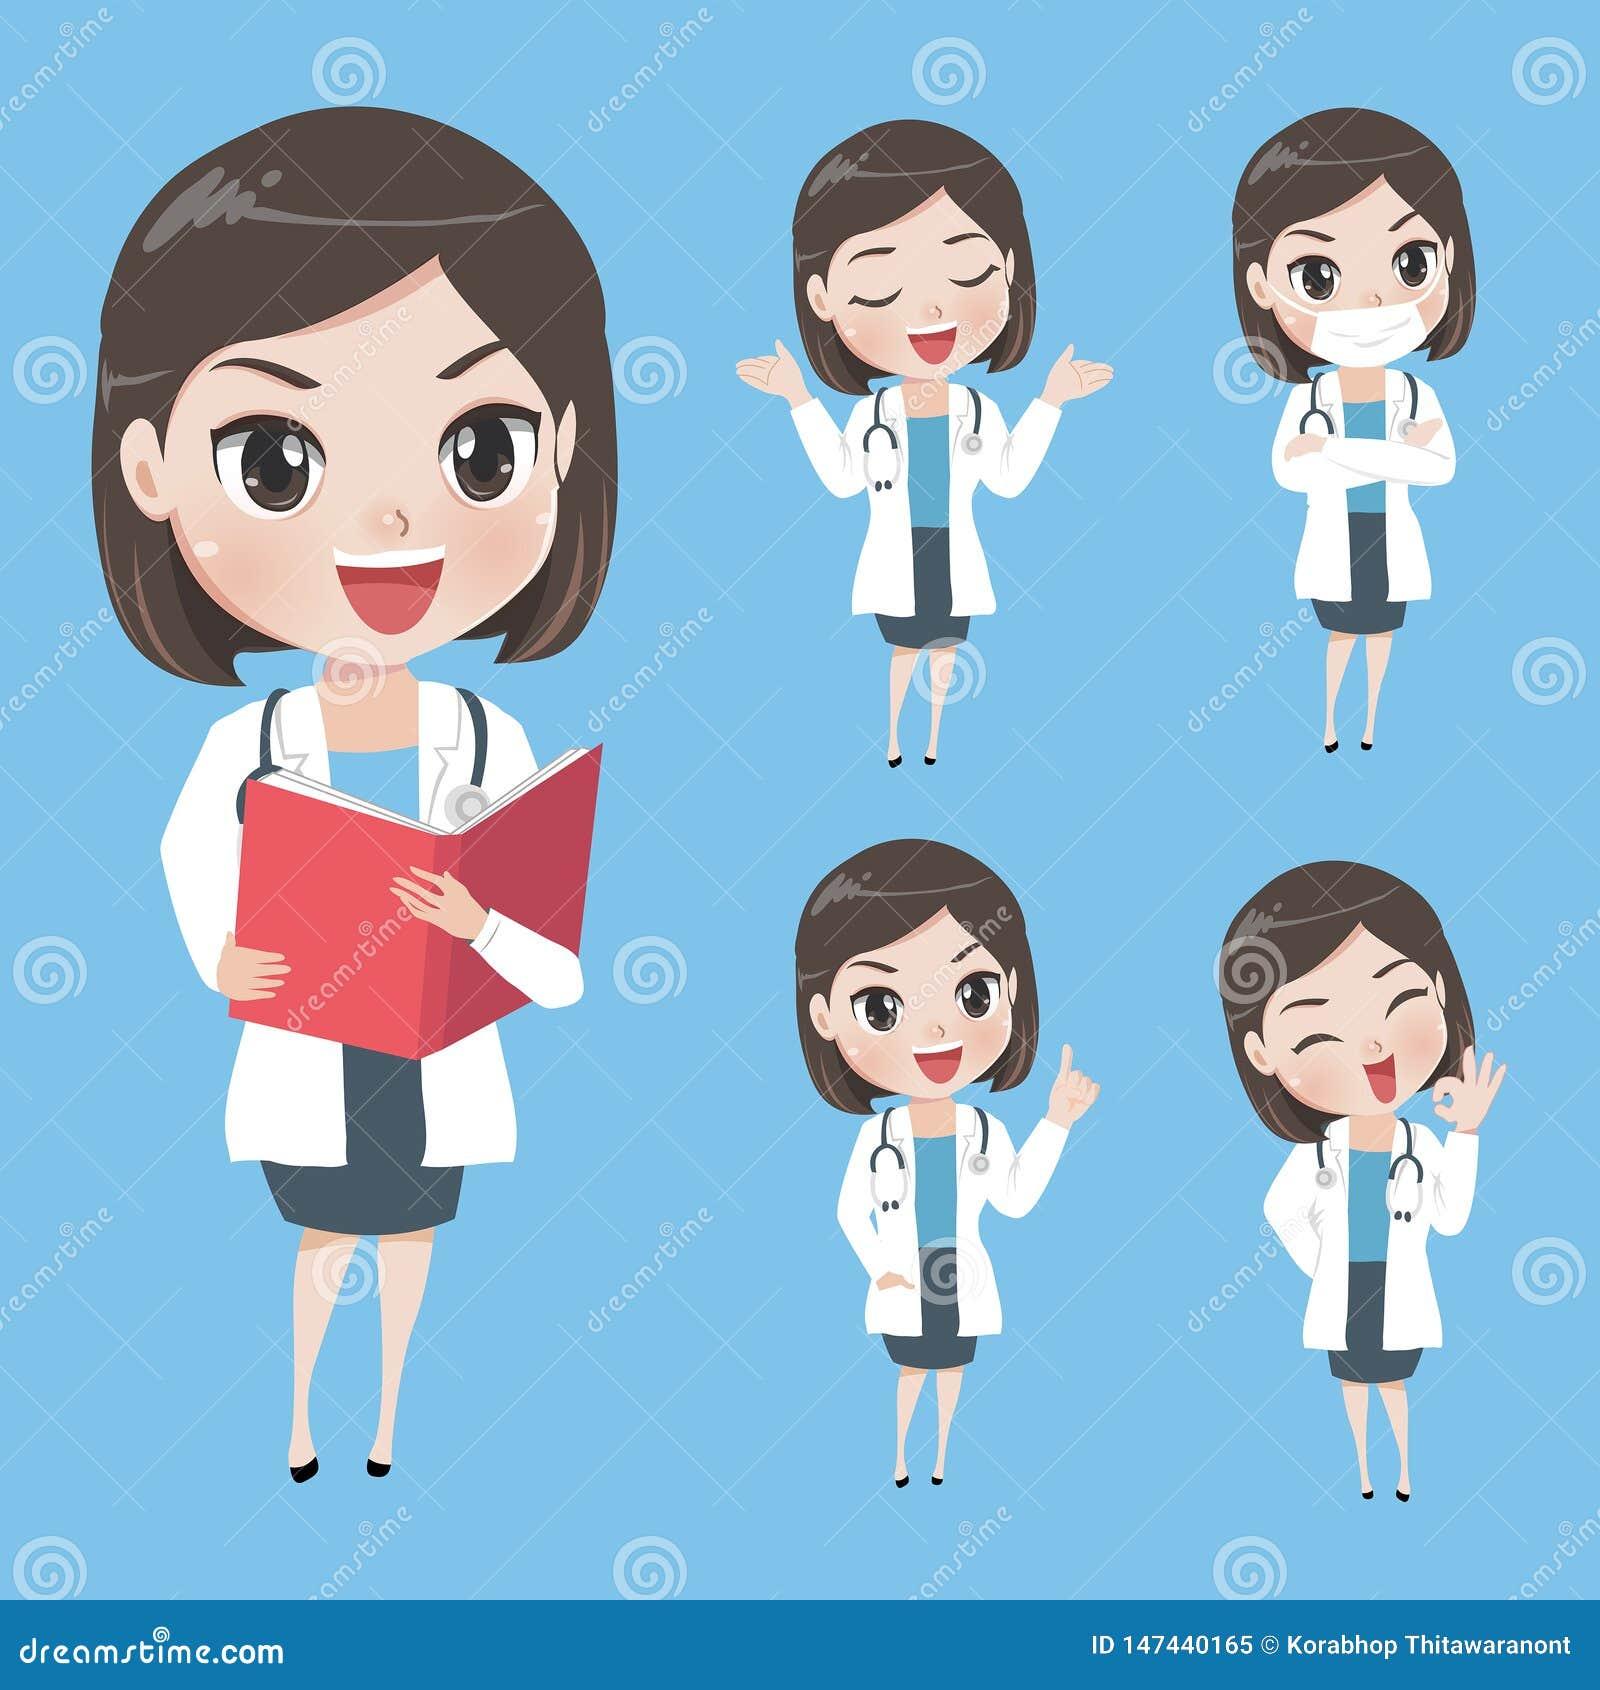 Female doctors in various gestures in uniform